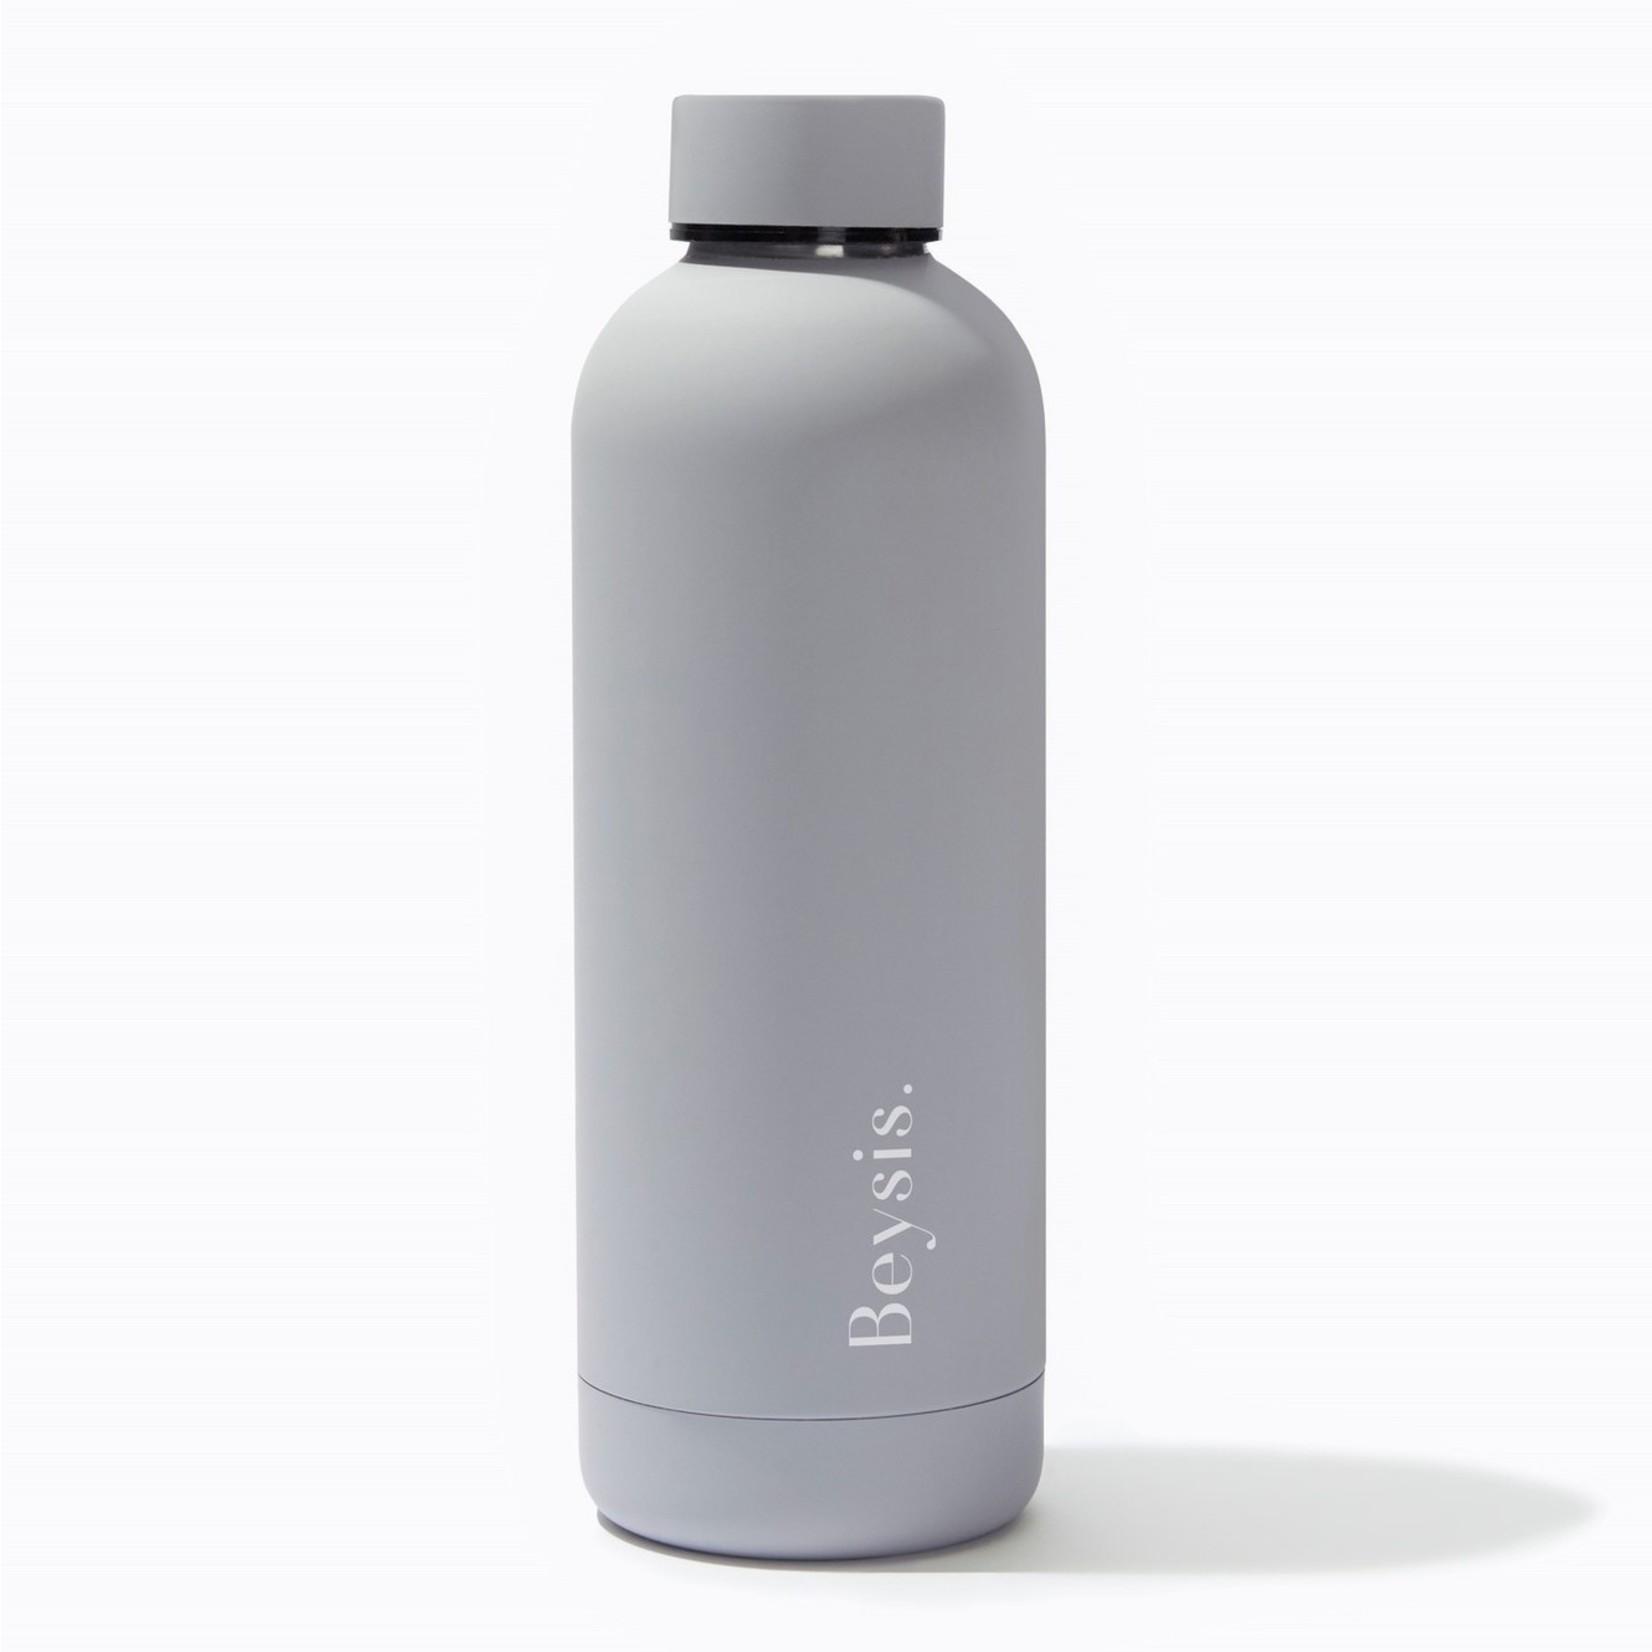 Beysis Water Bottle 17oz Cool Grey